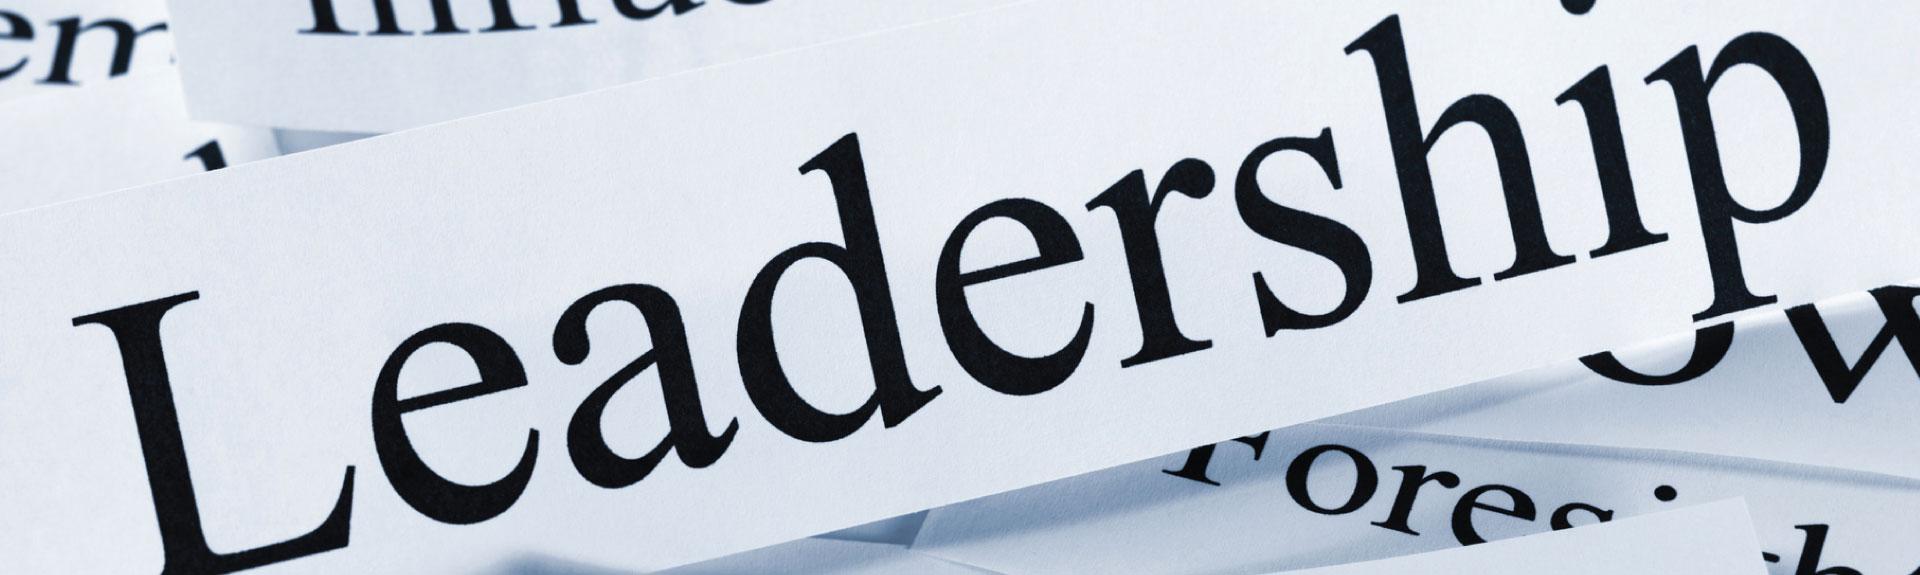 La leadership? È self, open e cross generation